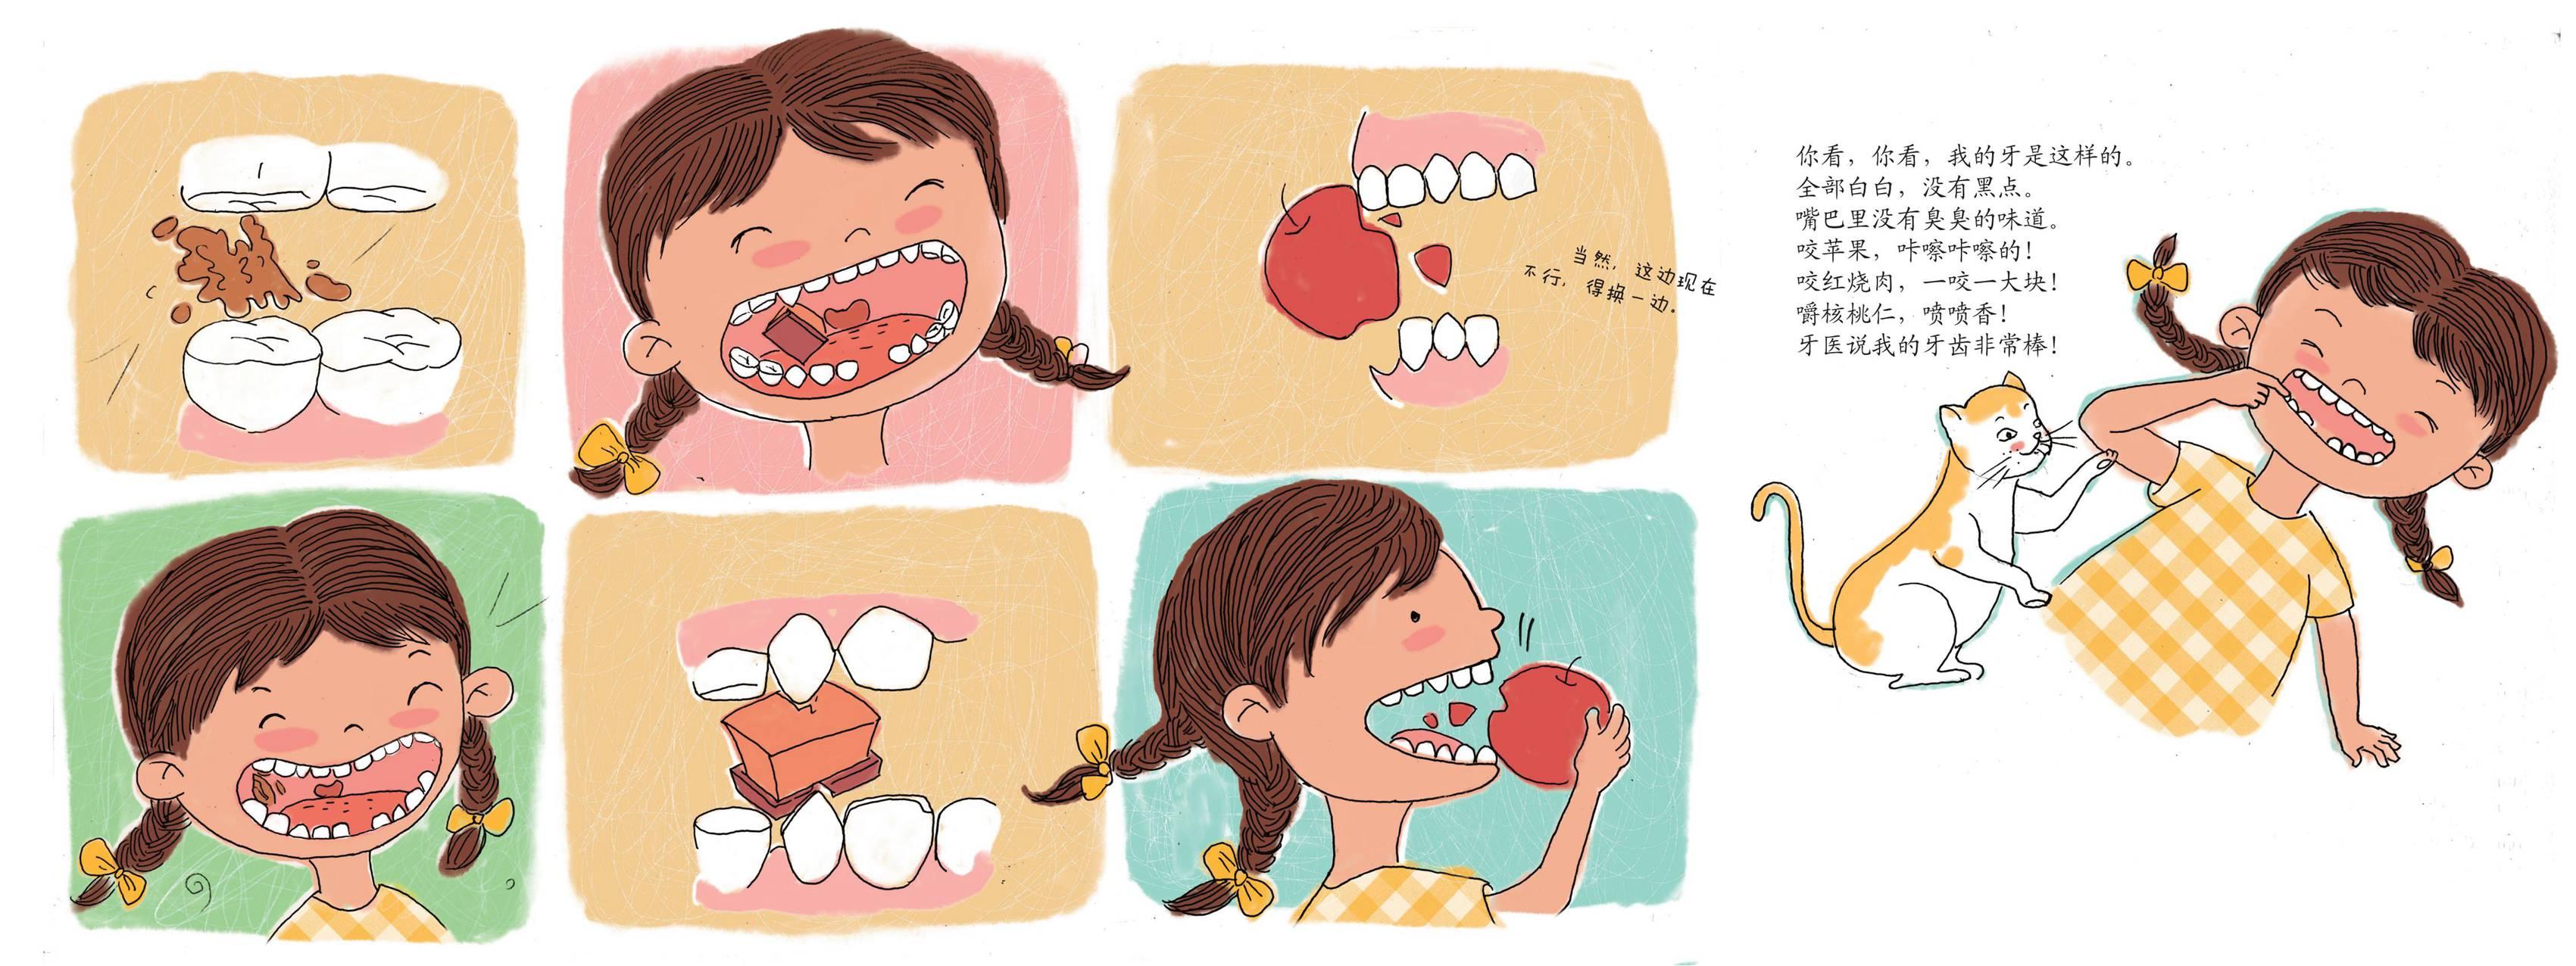 牙齿-7.19-终_10.jpg